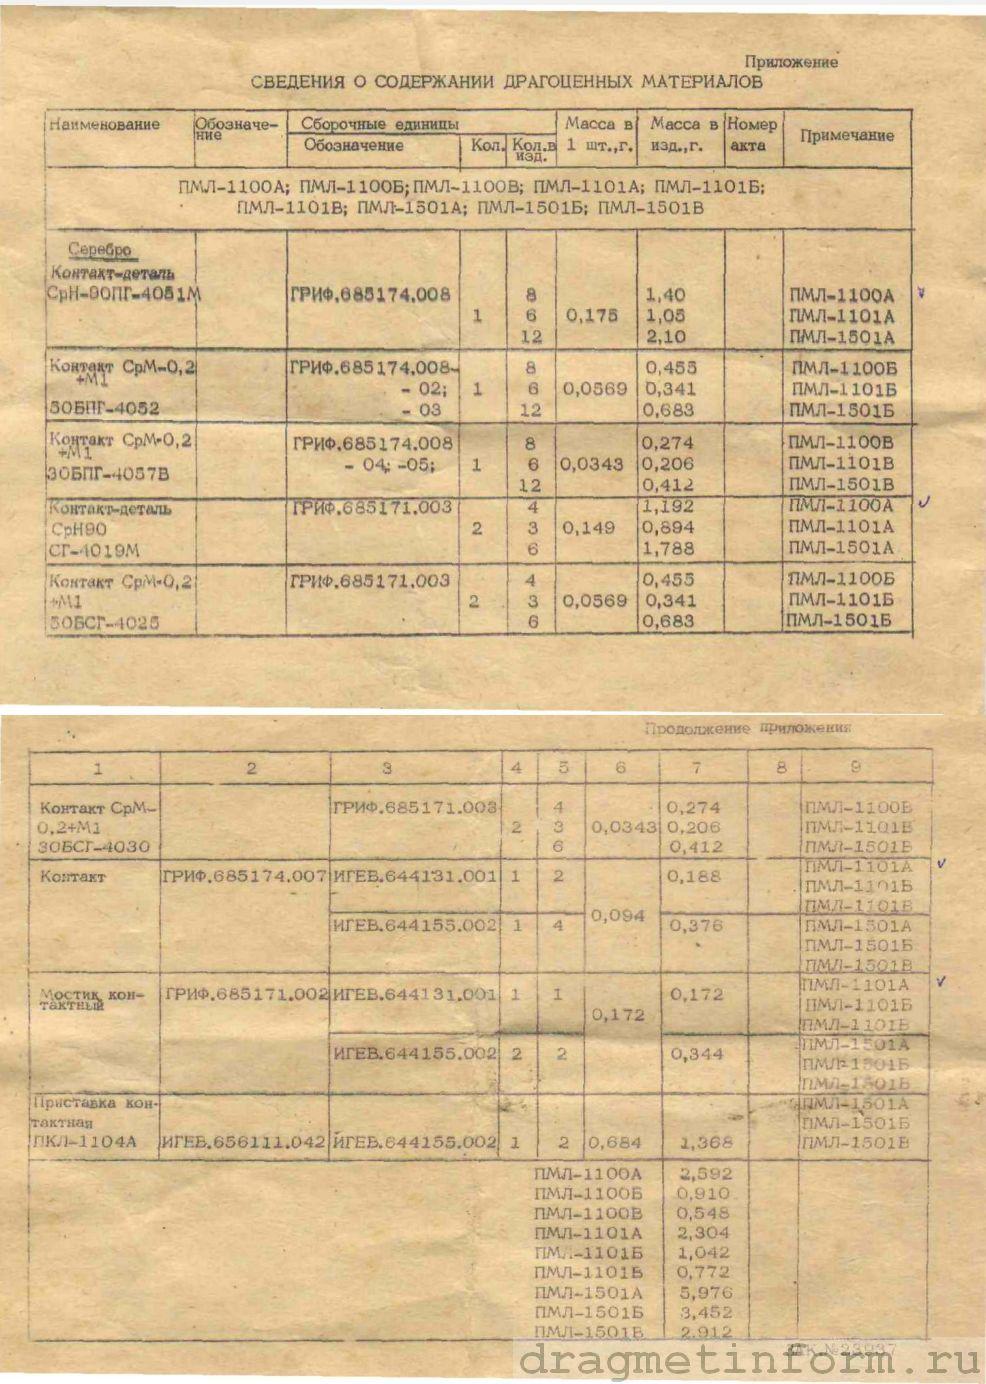 Формуляр ПМЛ-1501В